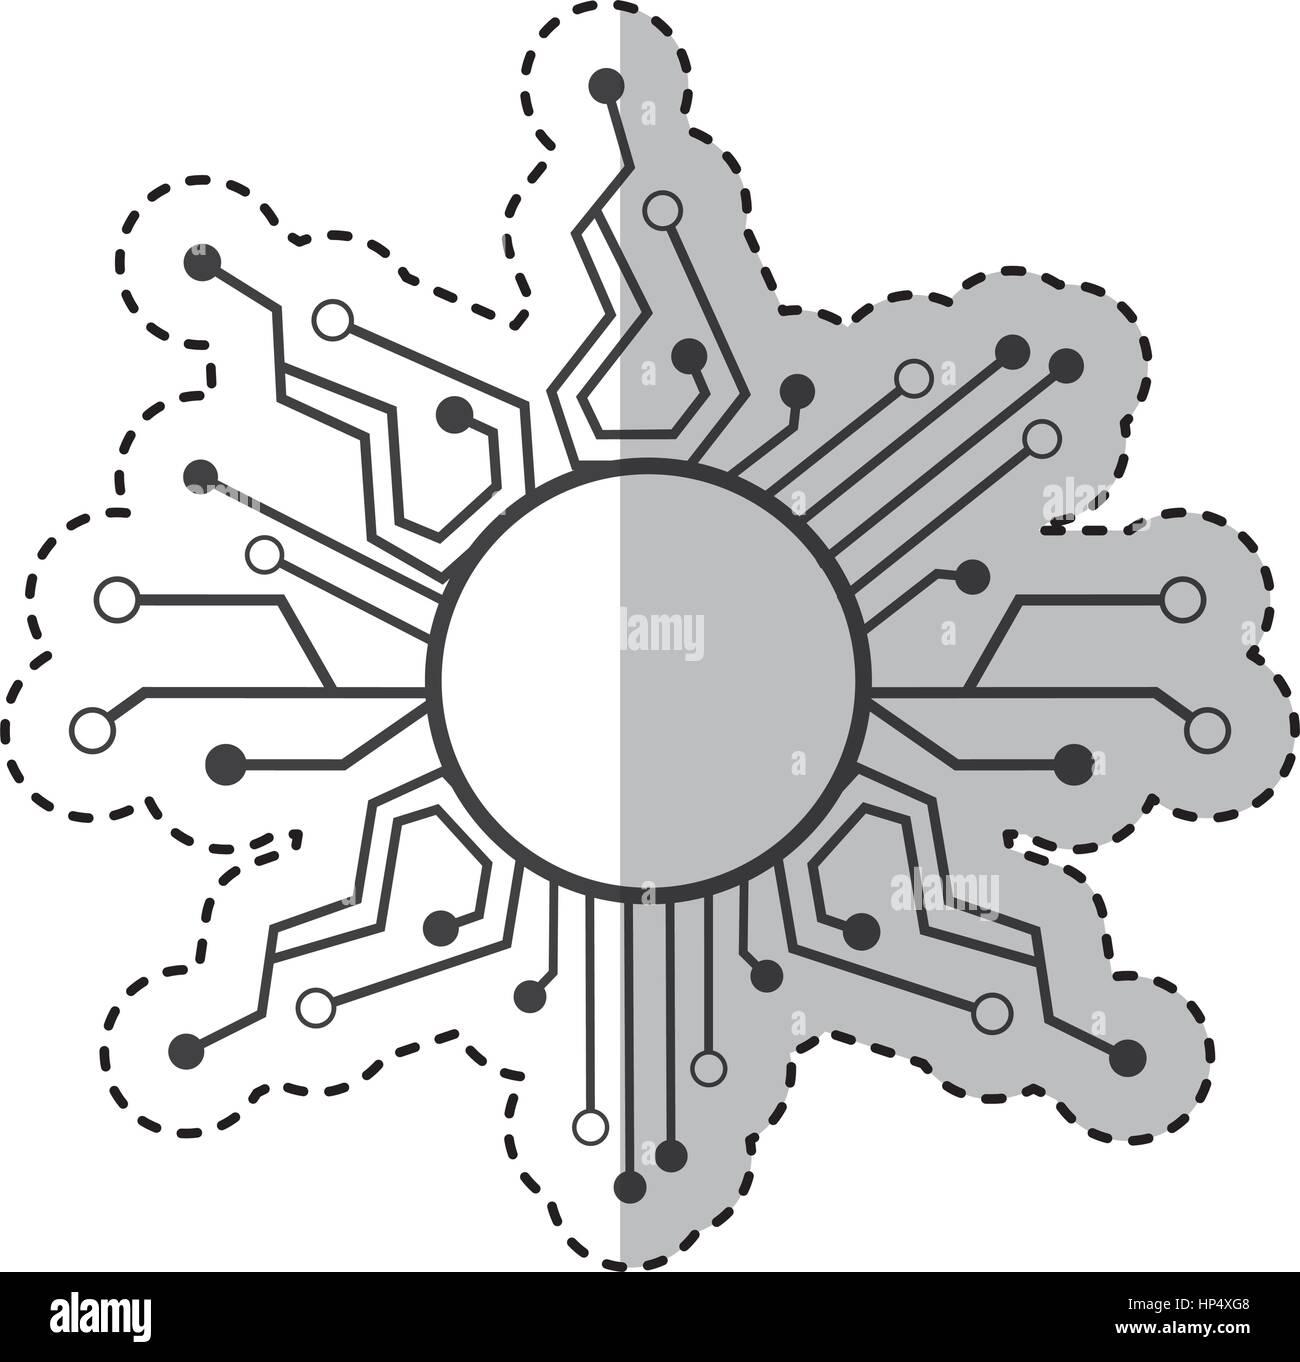 Fein Momentanes Schaltsymbol Ideen - Verdrahtungsideen - korsmi.info